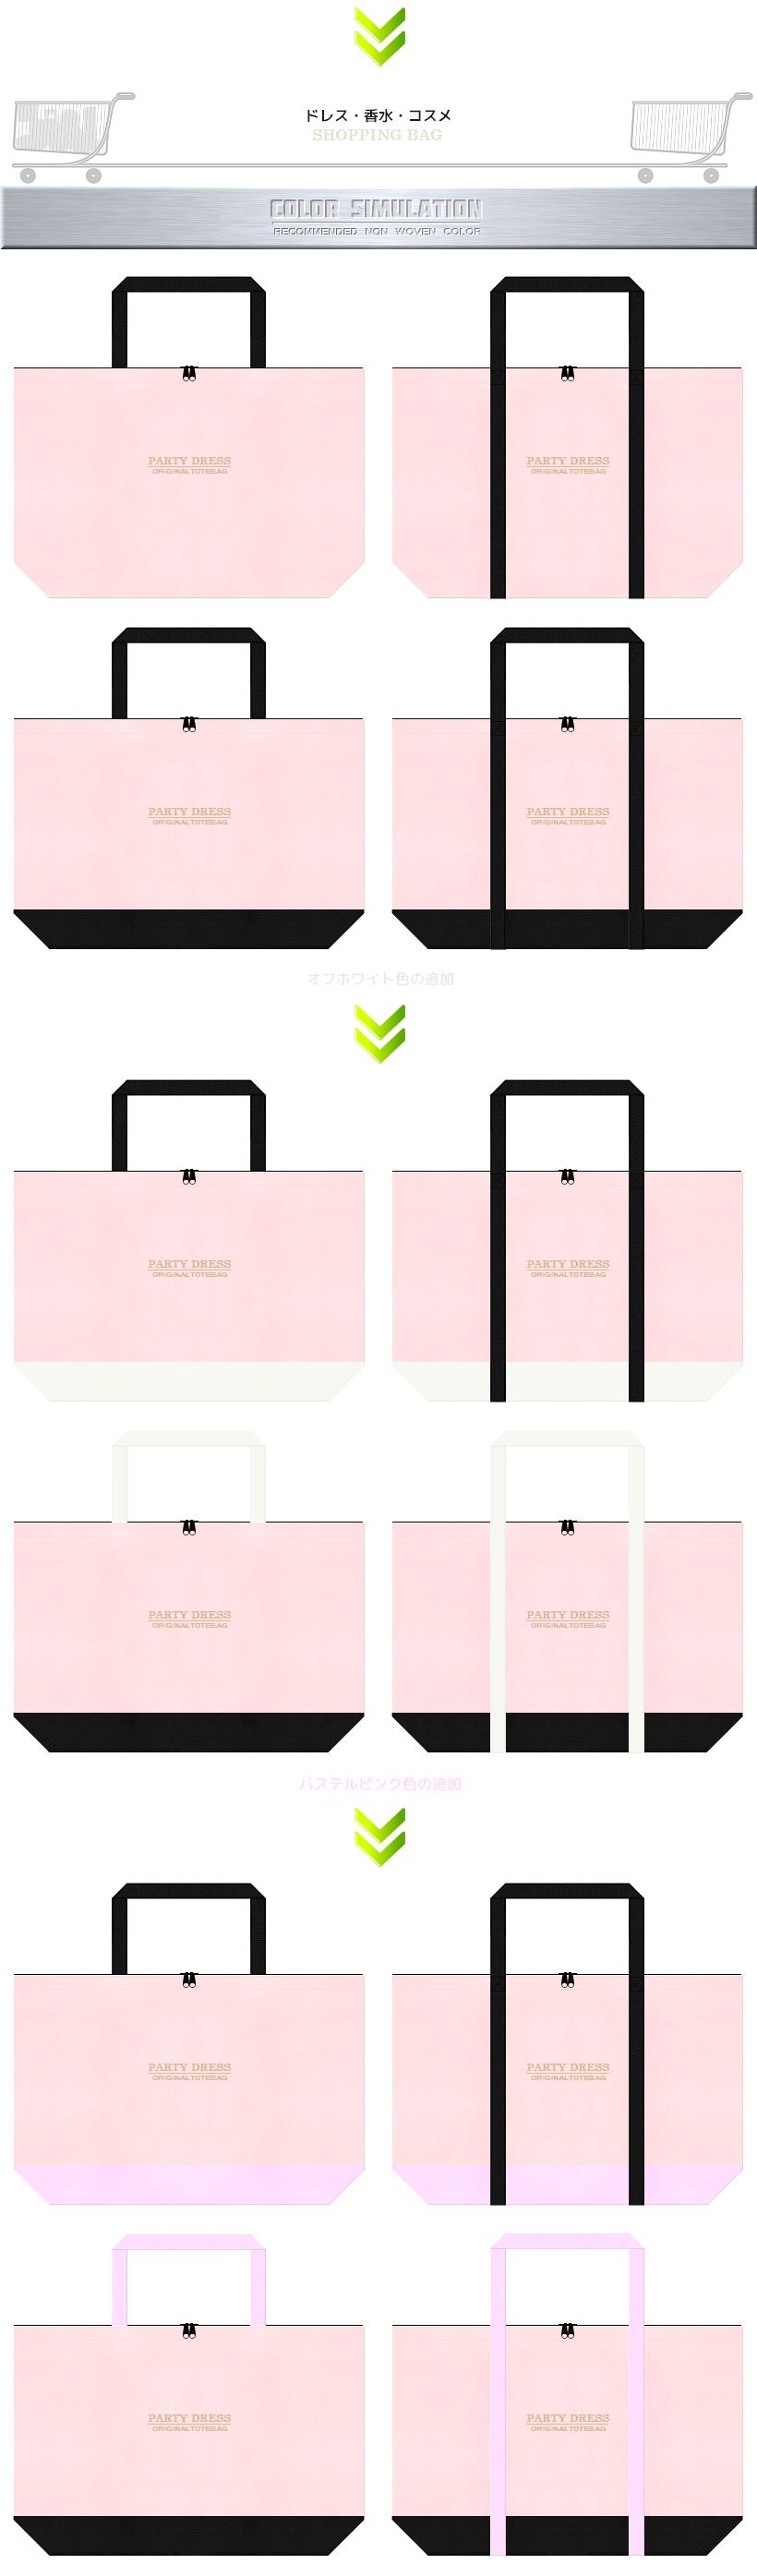 桜色と黒色をメインに使用した不織布バッグのカラーシミュレーション(エレガンス):ドレス・香水・コスメのショッピングバッグ